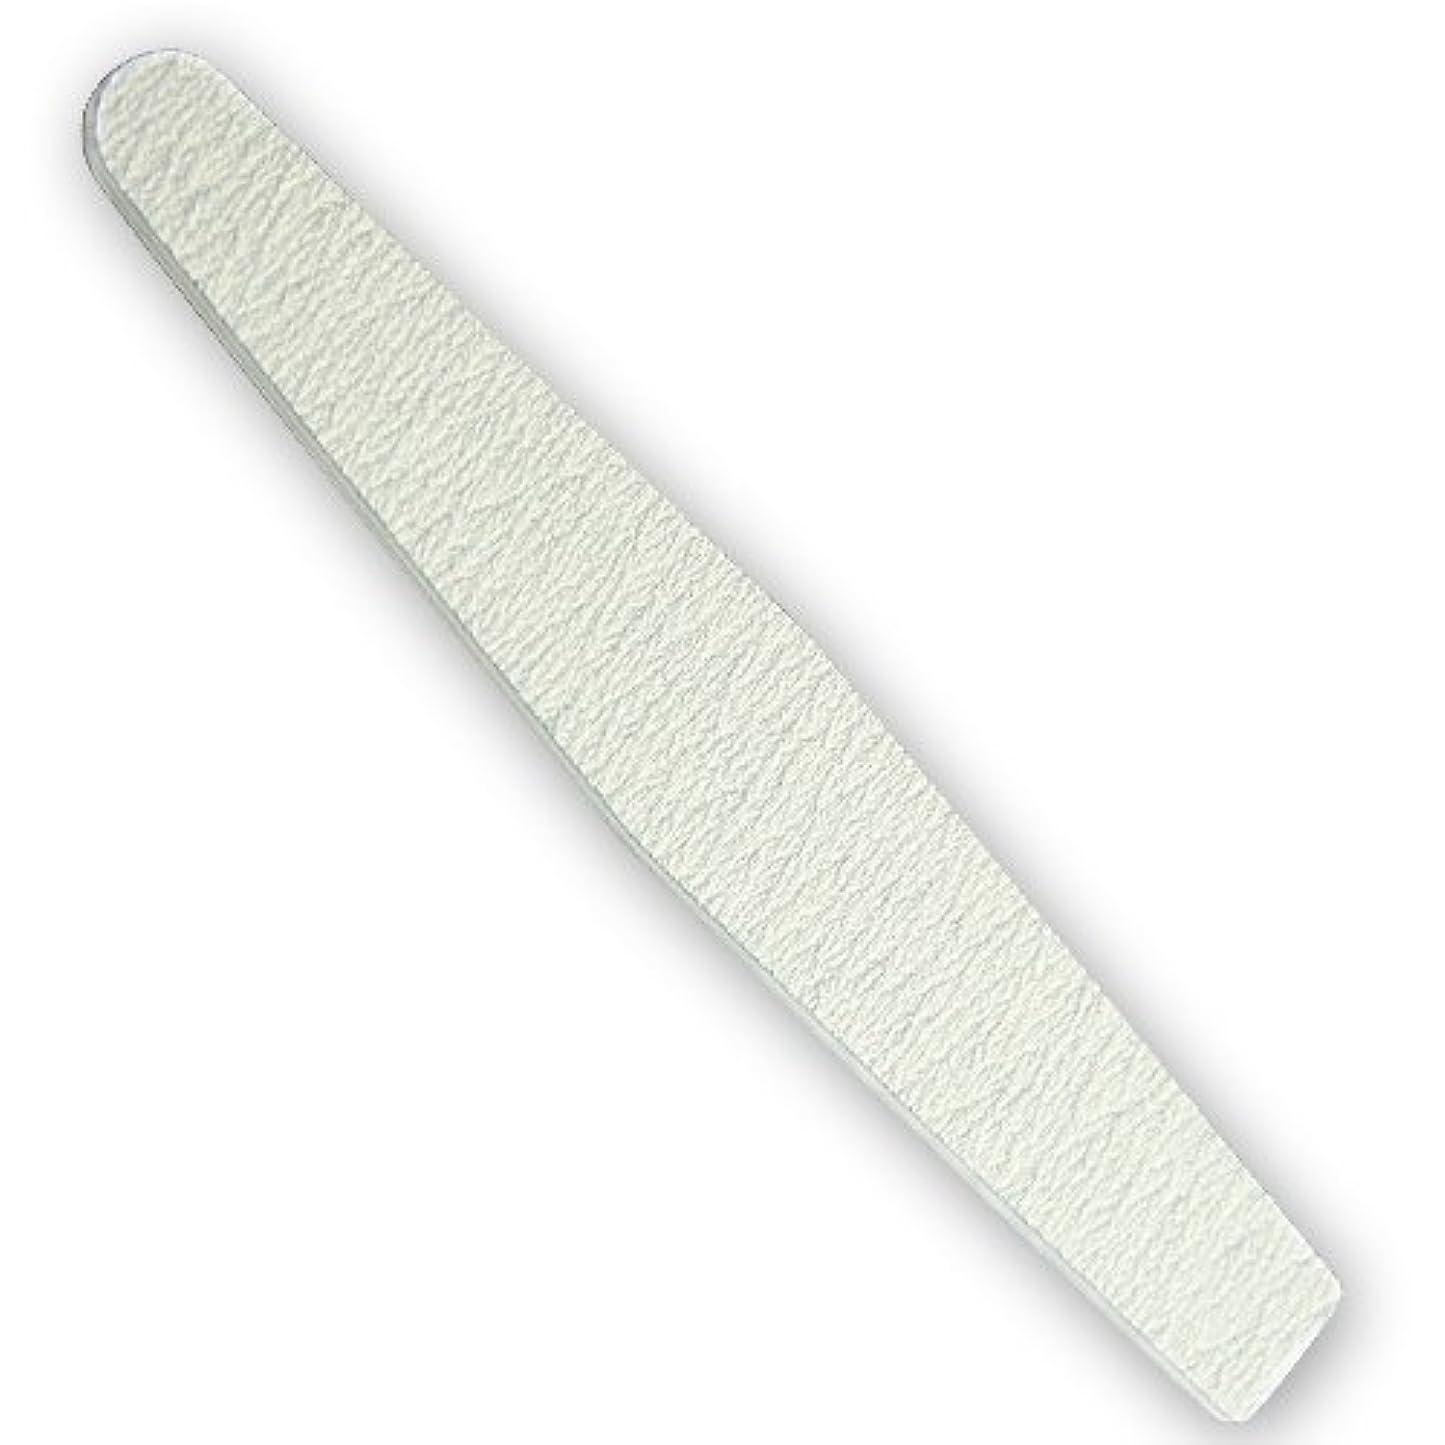 初期レンダー巡礼者ジェルネイル用ファイル100/180(爪やすり)シンプルで使いやすい